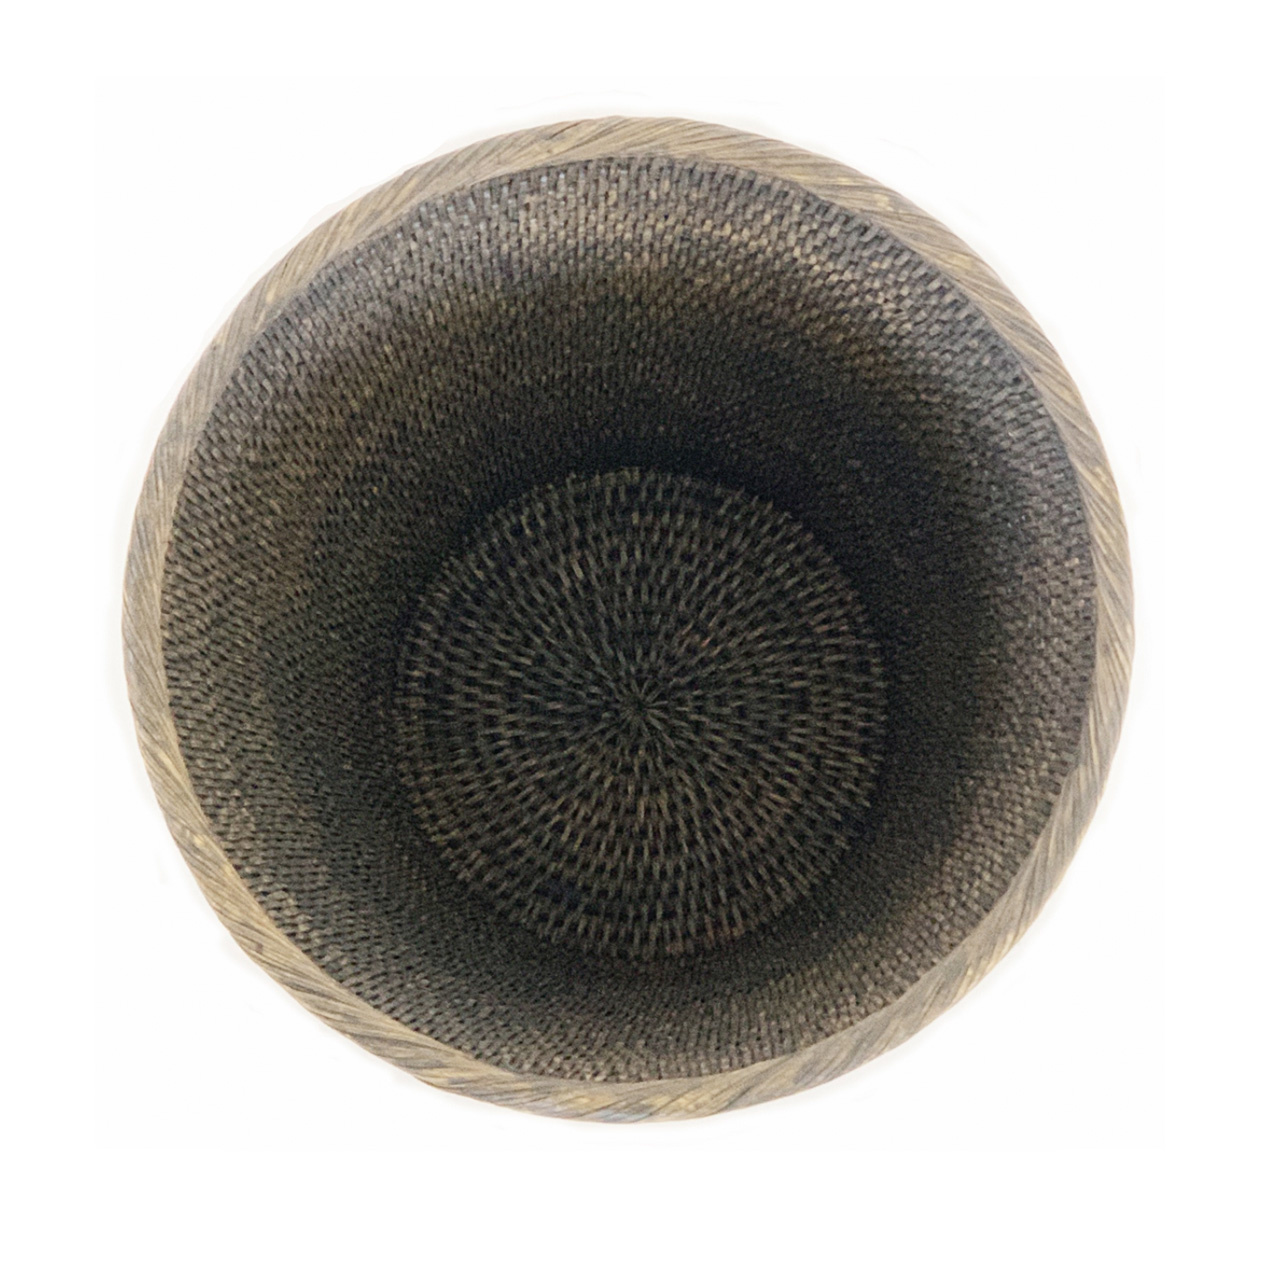 Round Waste Basket - Small-2